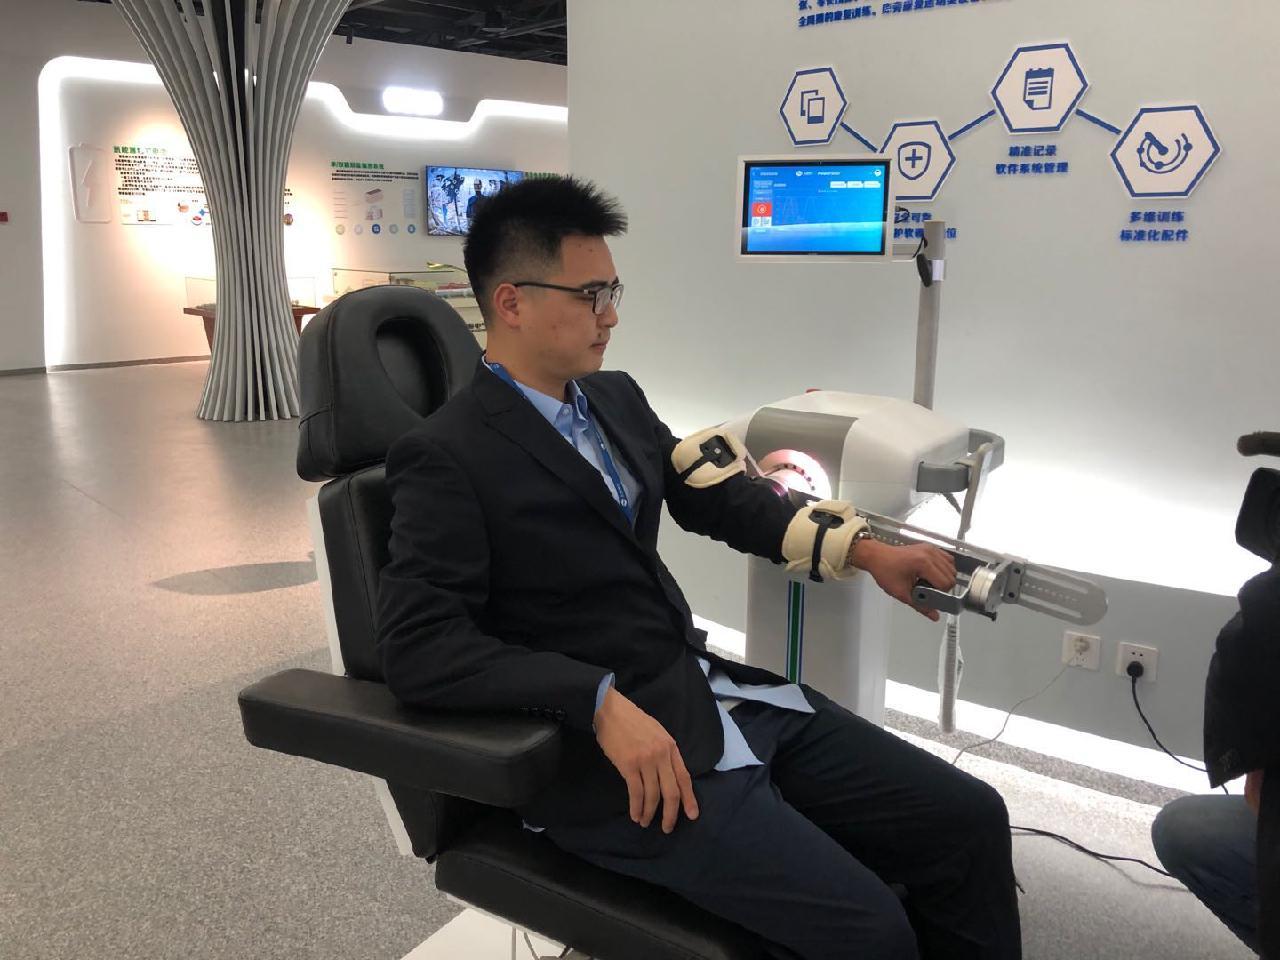 身边的十三五:人工智能、云端赋能,上海电气构建未来智慧医疗产业生态圈